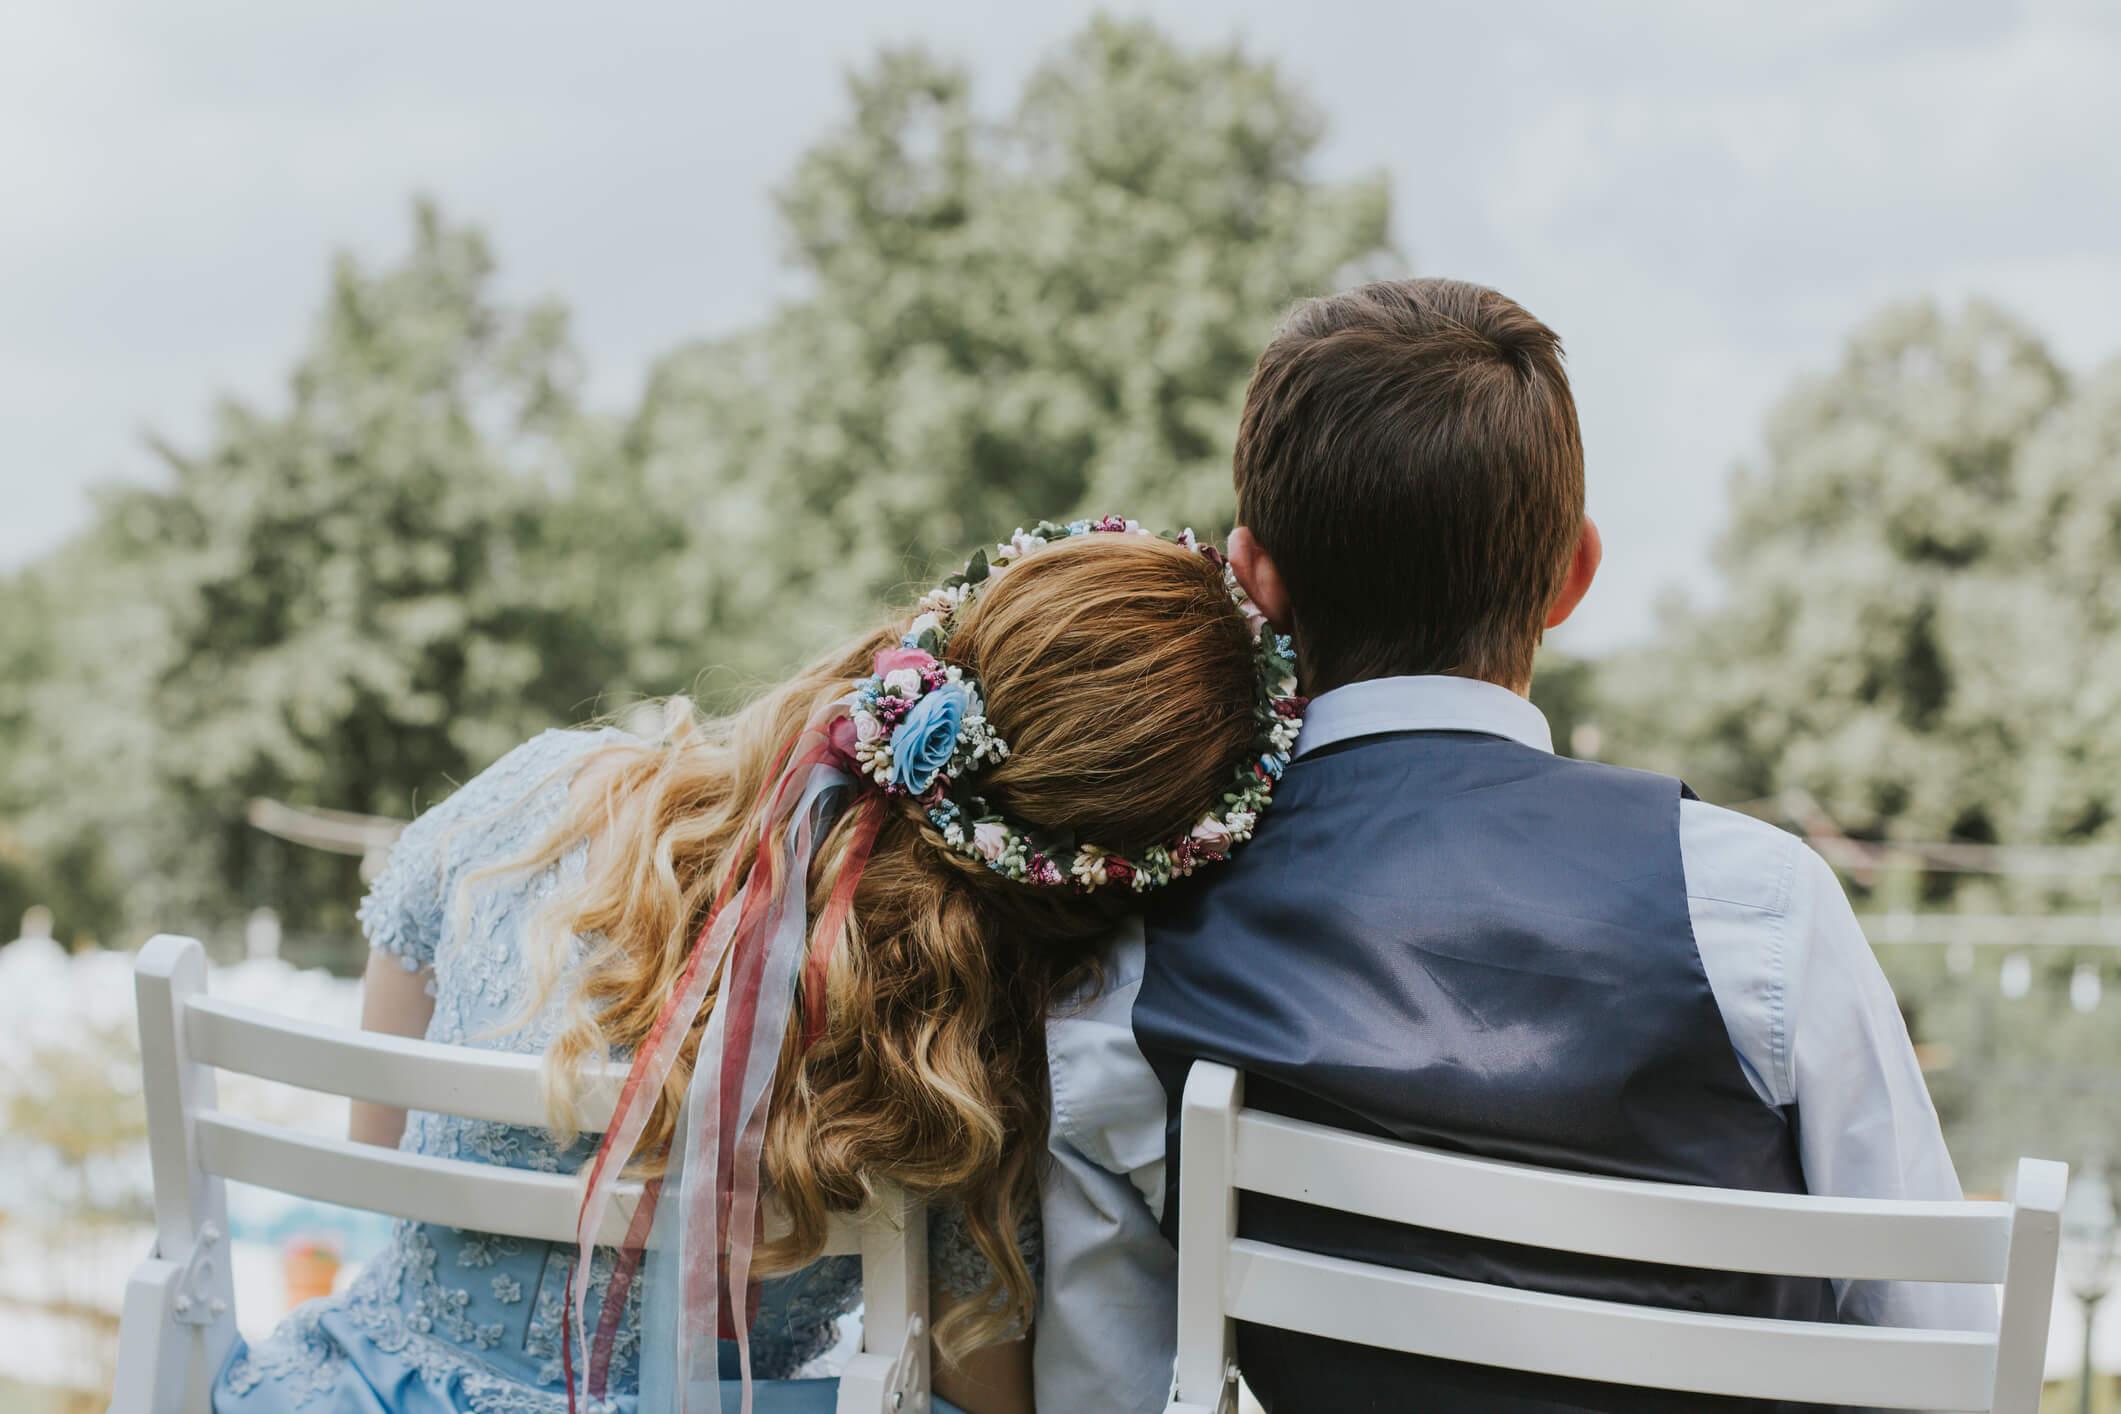 Surviving spouses